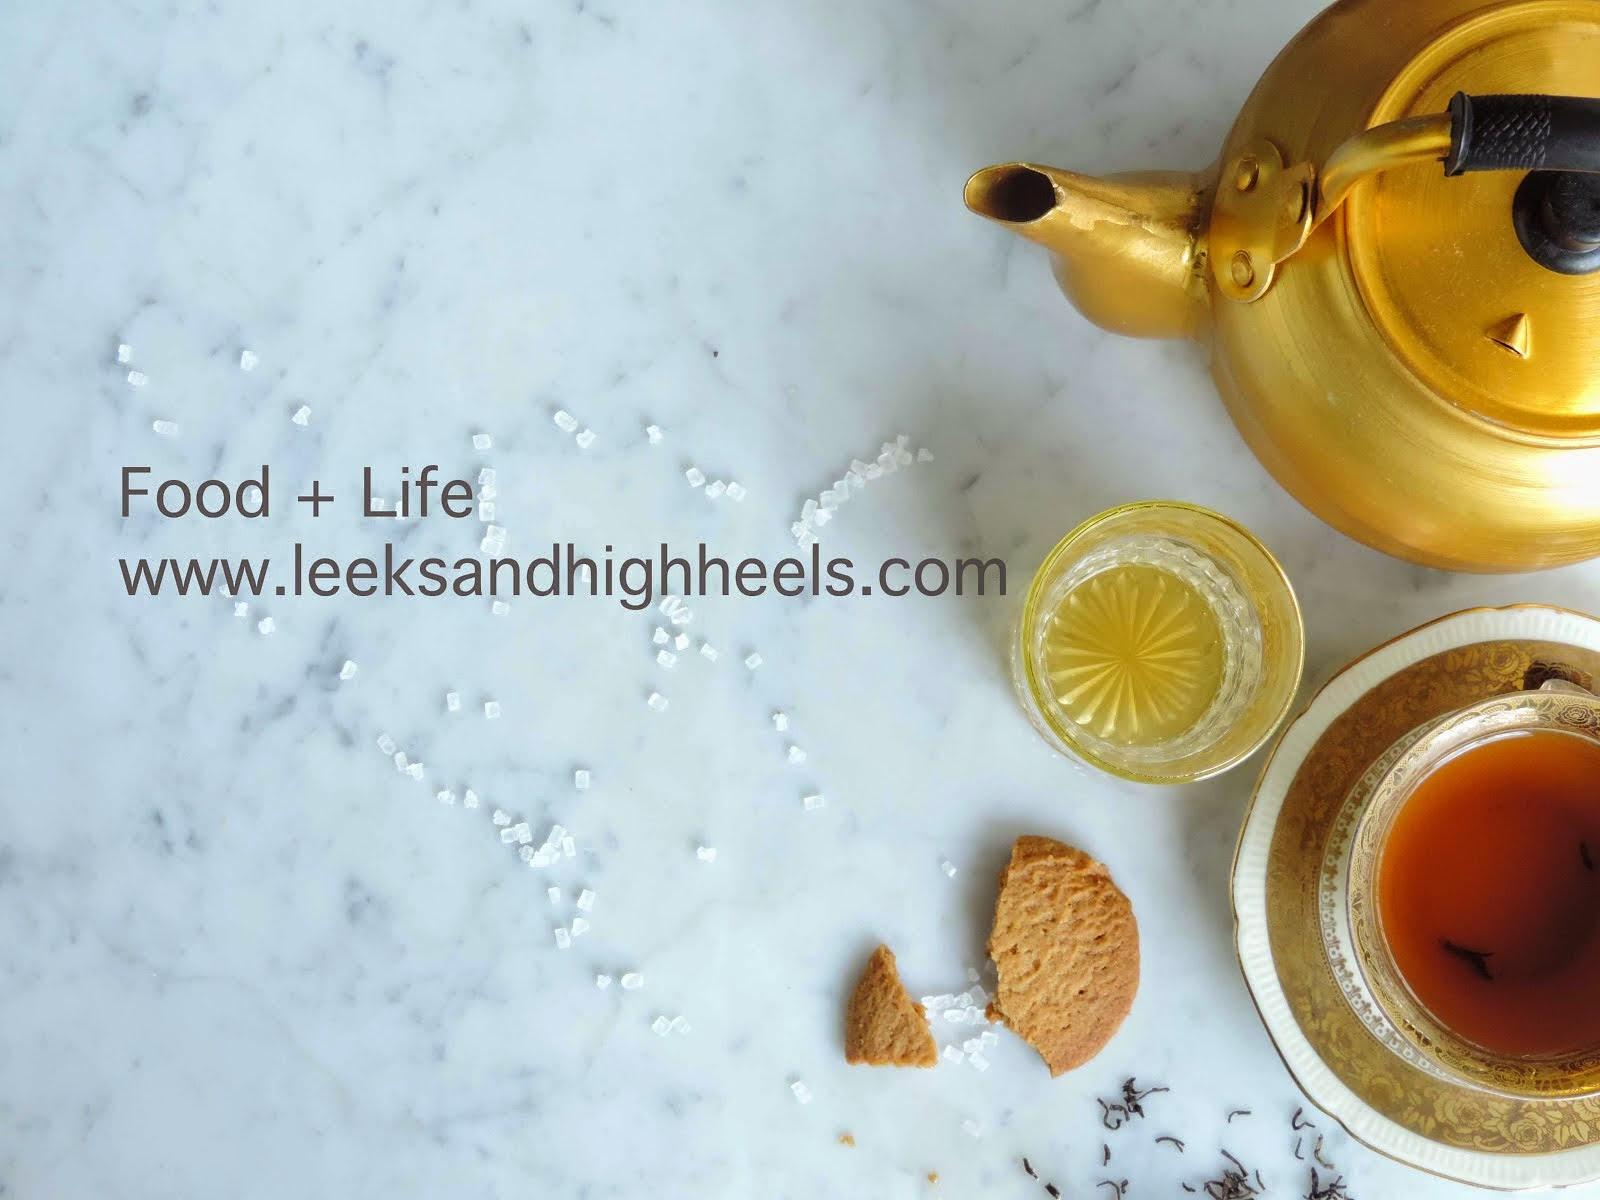 Leeks and High Heels